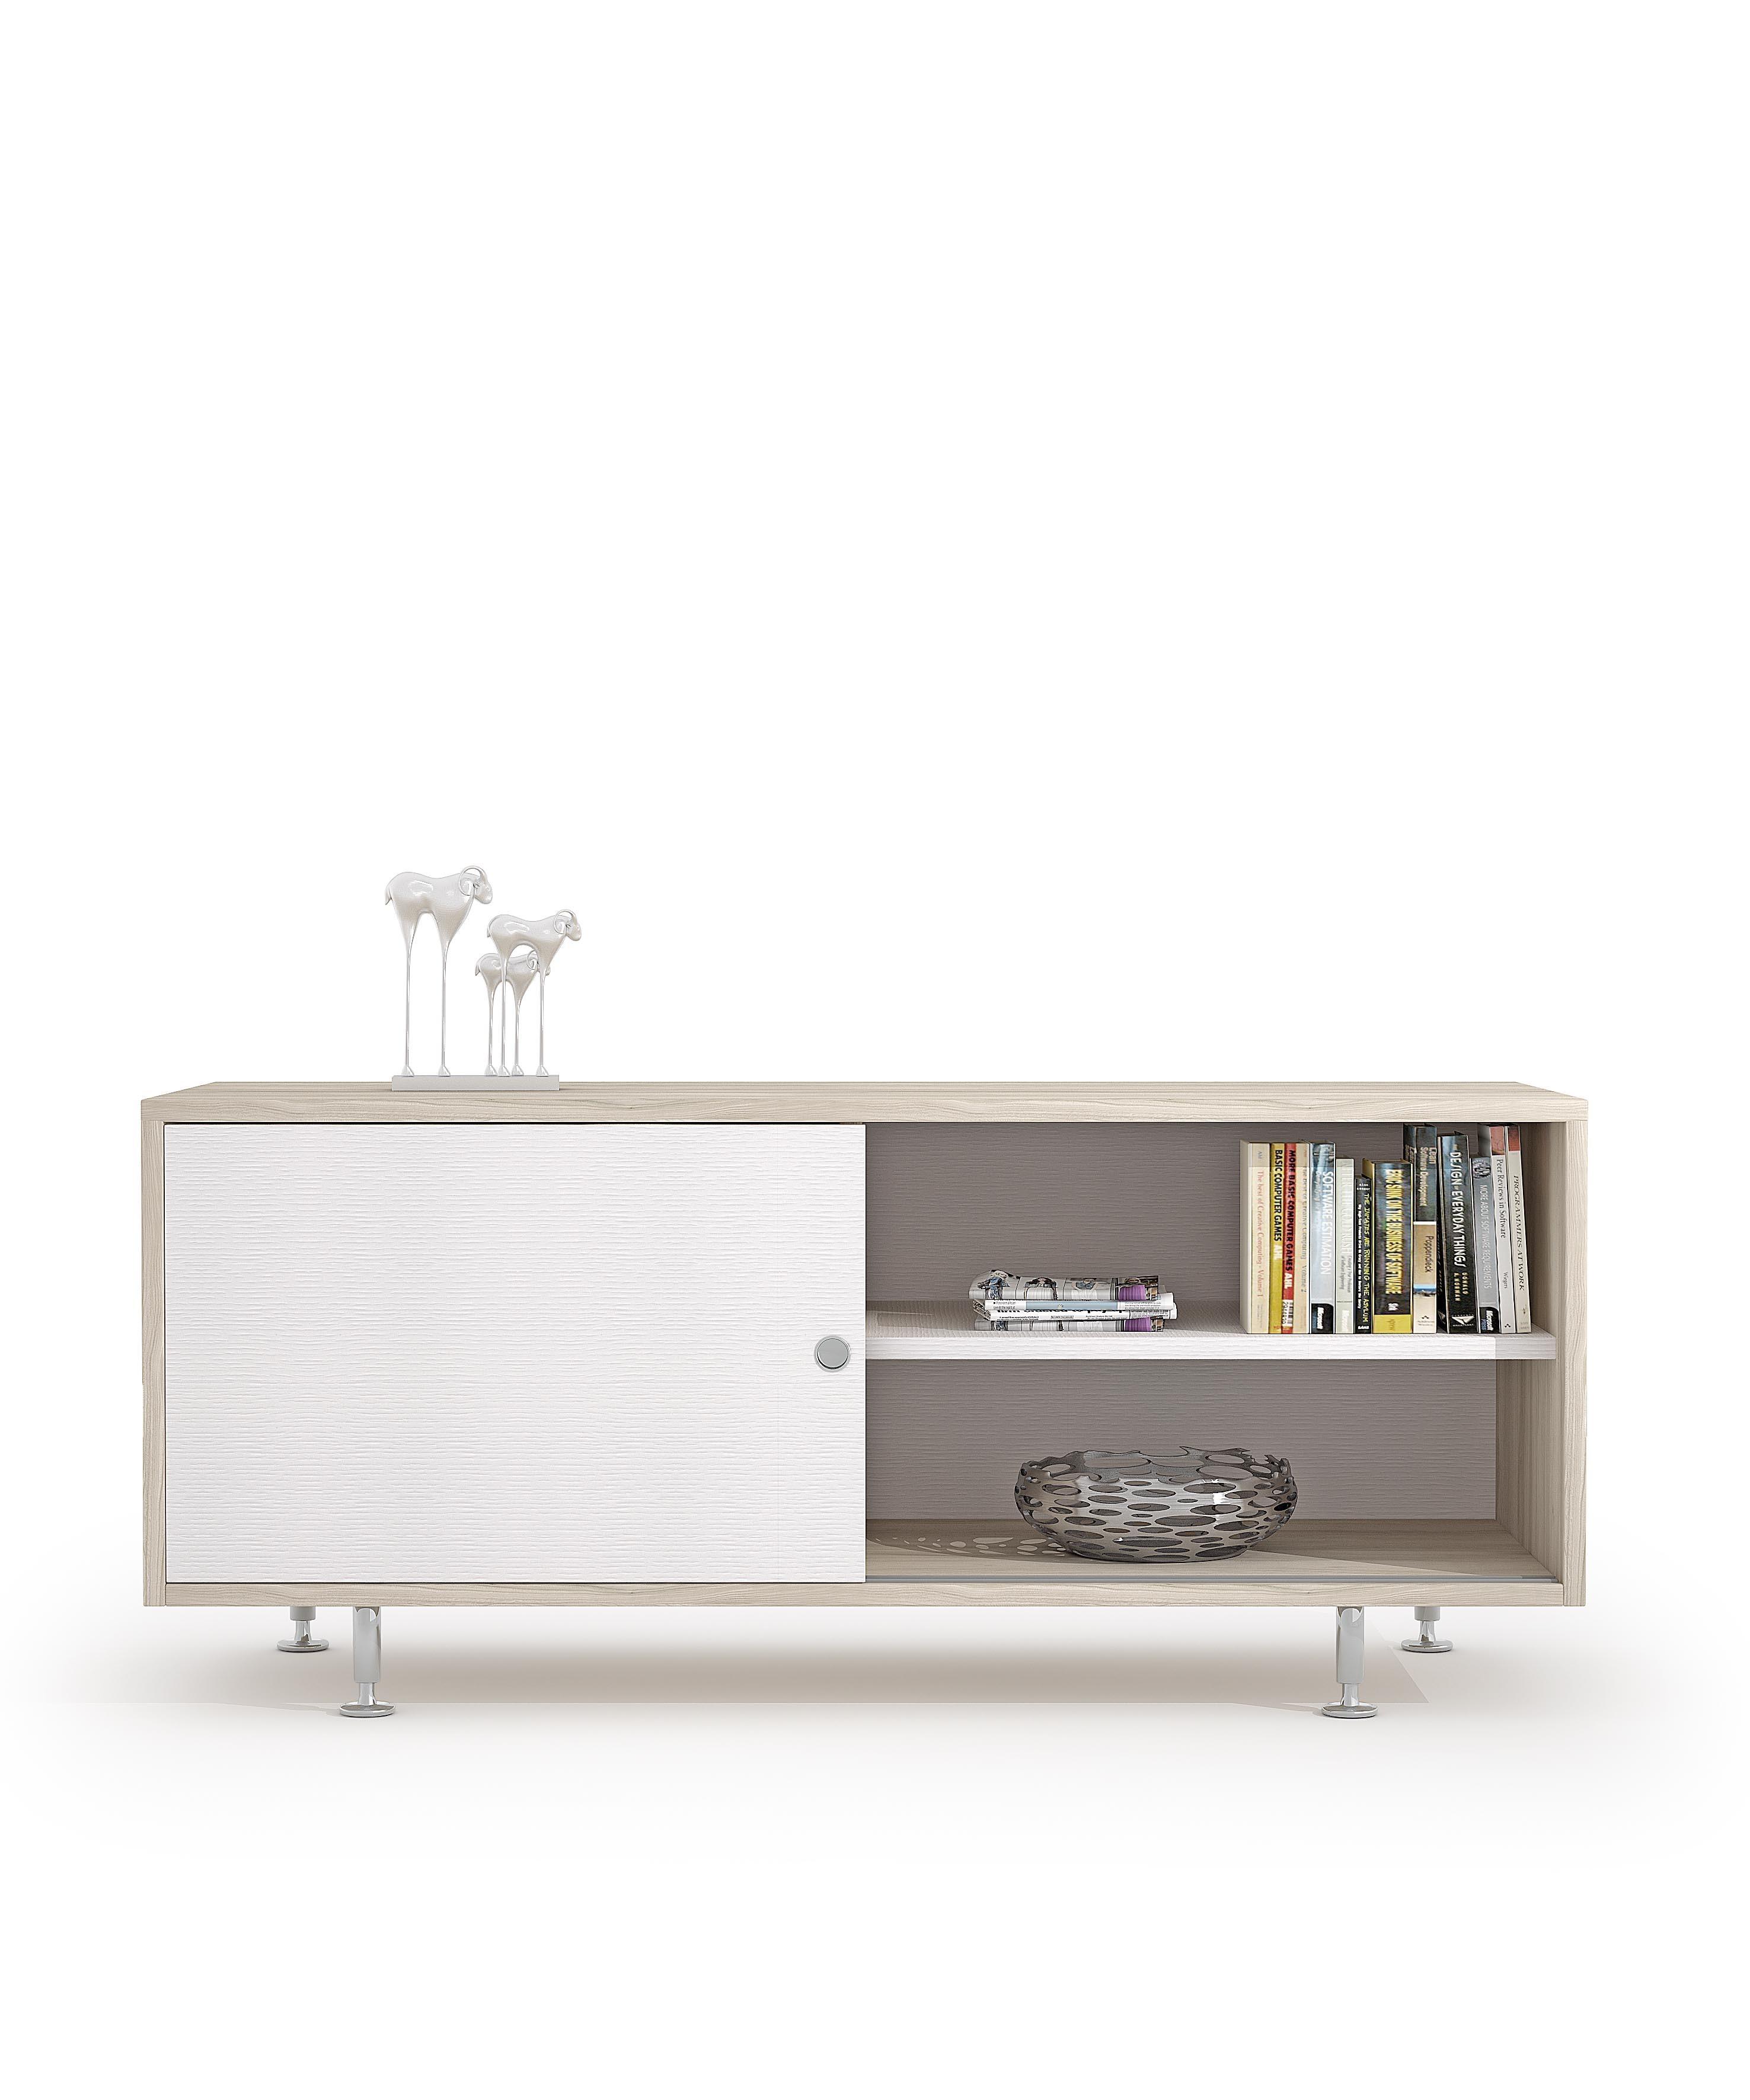 Pannelli di legno divisori per giardino - Mobili porta tv economici ...